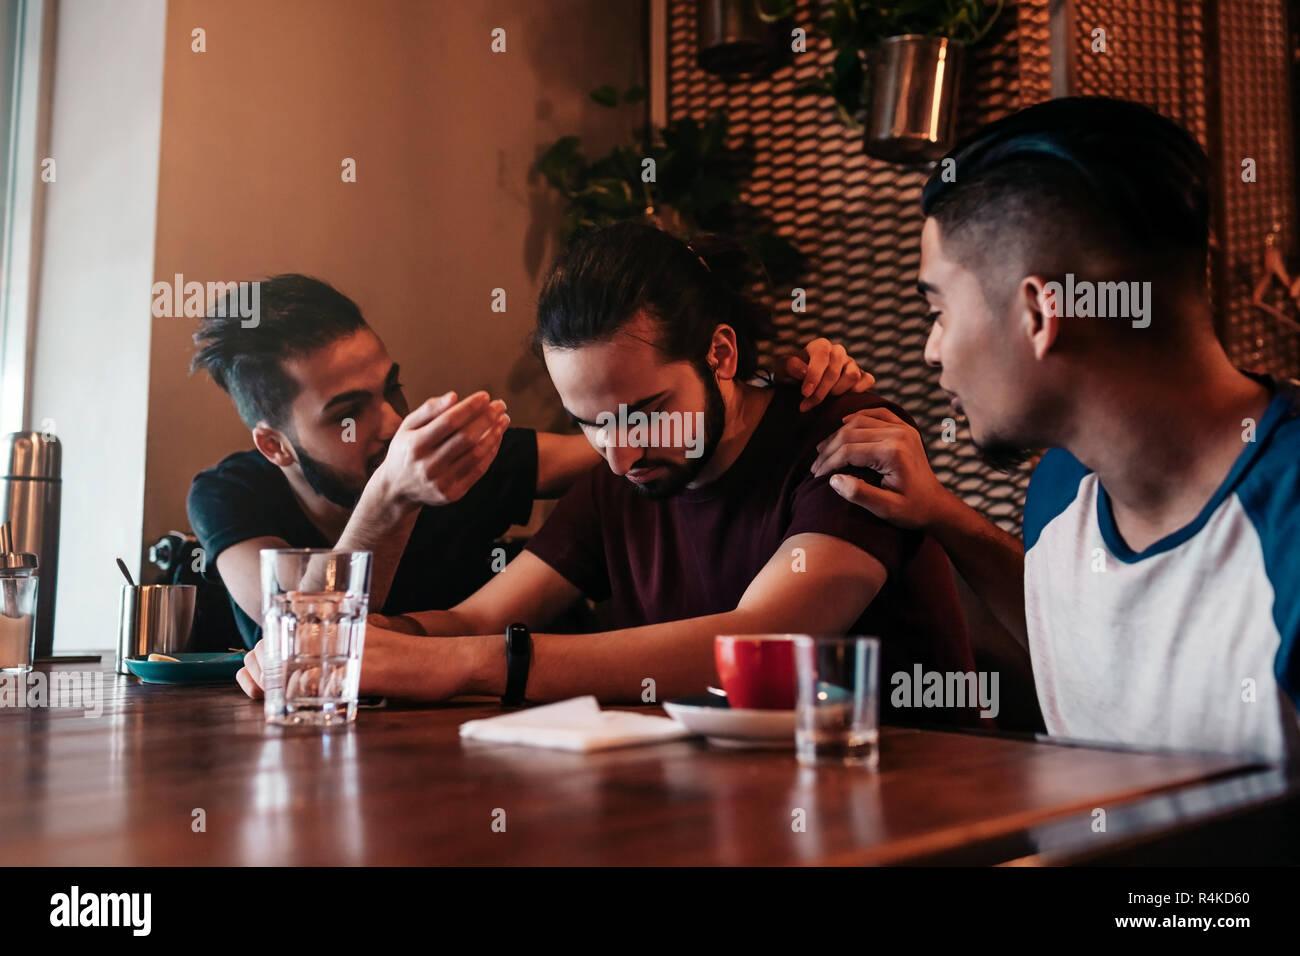 Los hombres jóvenes de apoyo animan a sus desolados amigo. Arabian chicos animarle y aconsejarle en el restaurante. Concepto de amistad. Imagen De Stock